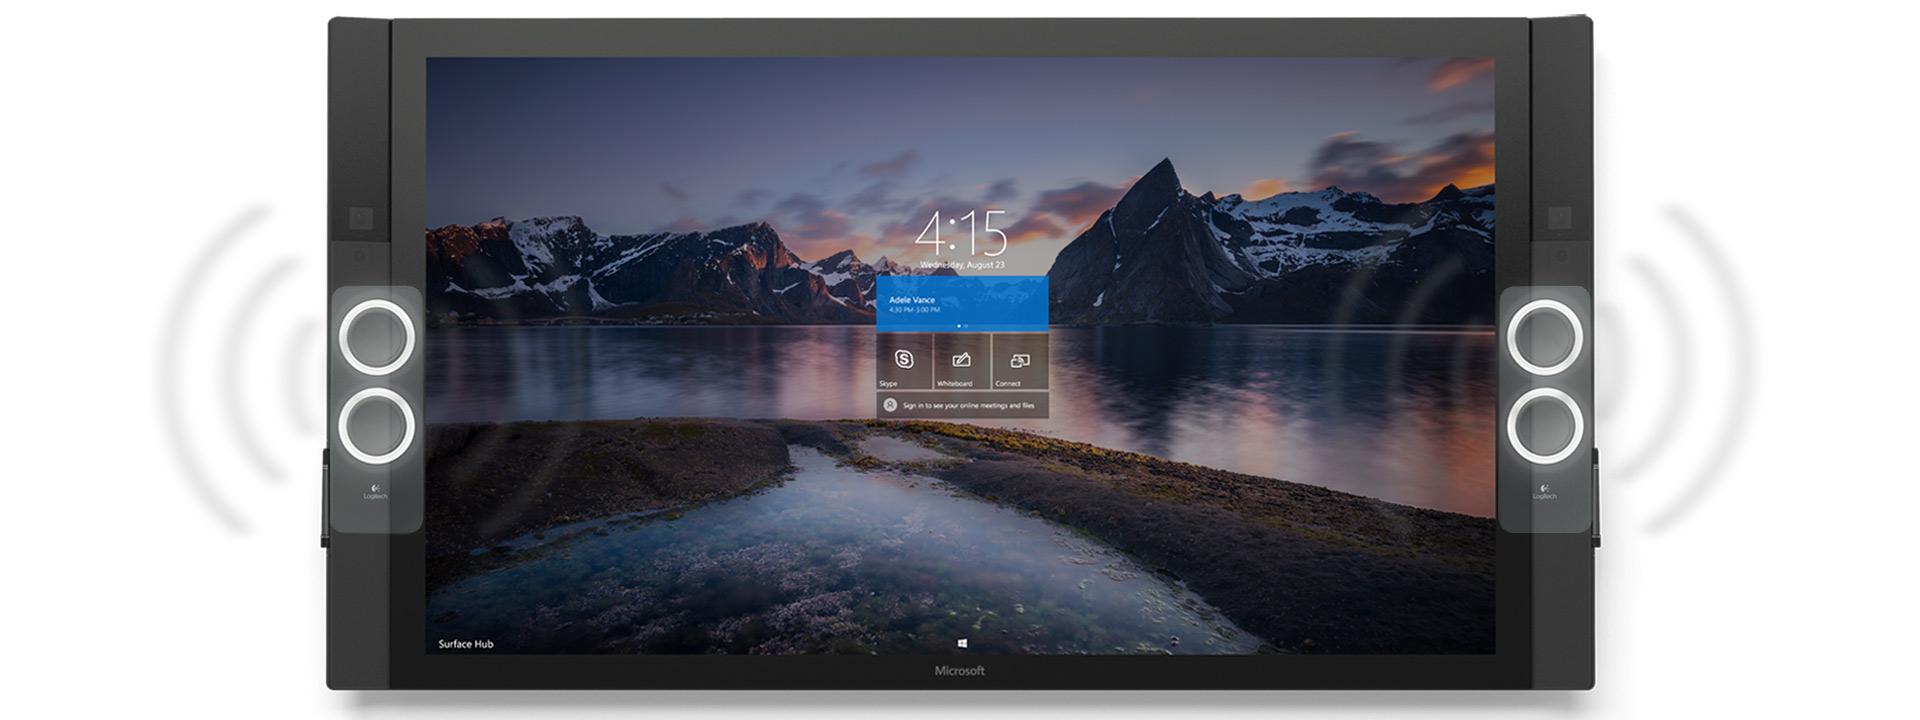 スピーカーが音で振動するイラストが示された、自然の風景のスタート画面が表示された Surface Hub の正面図。